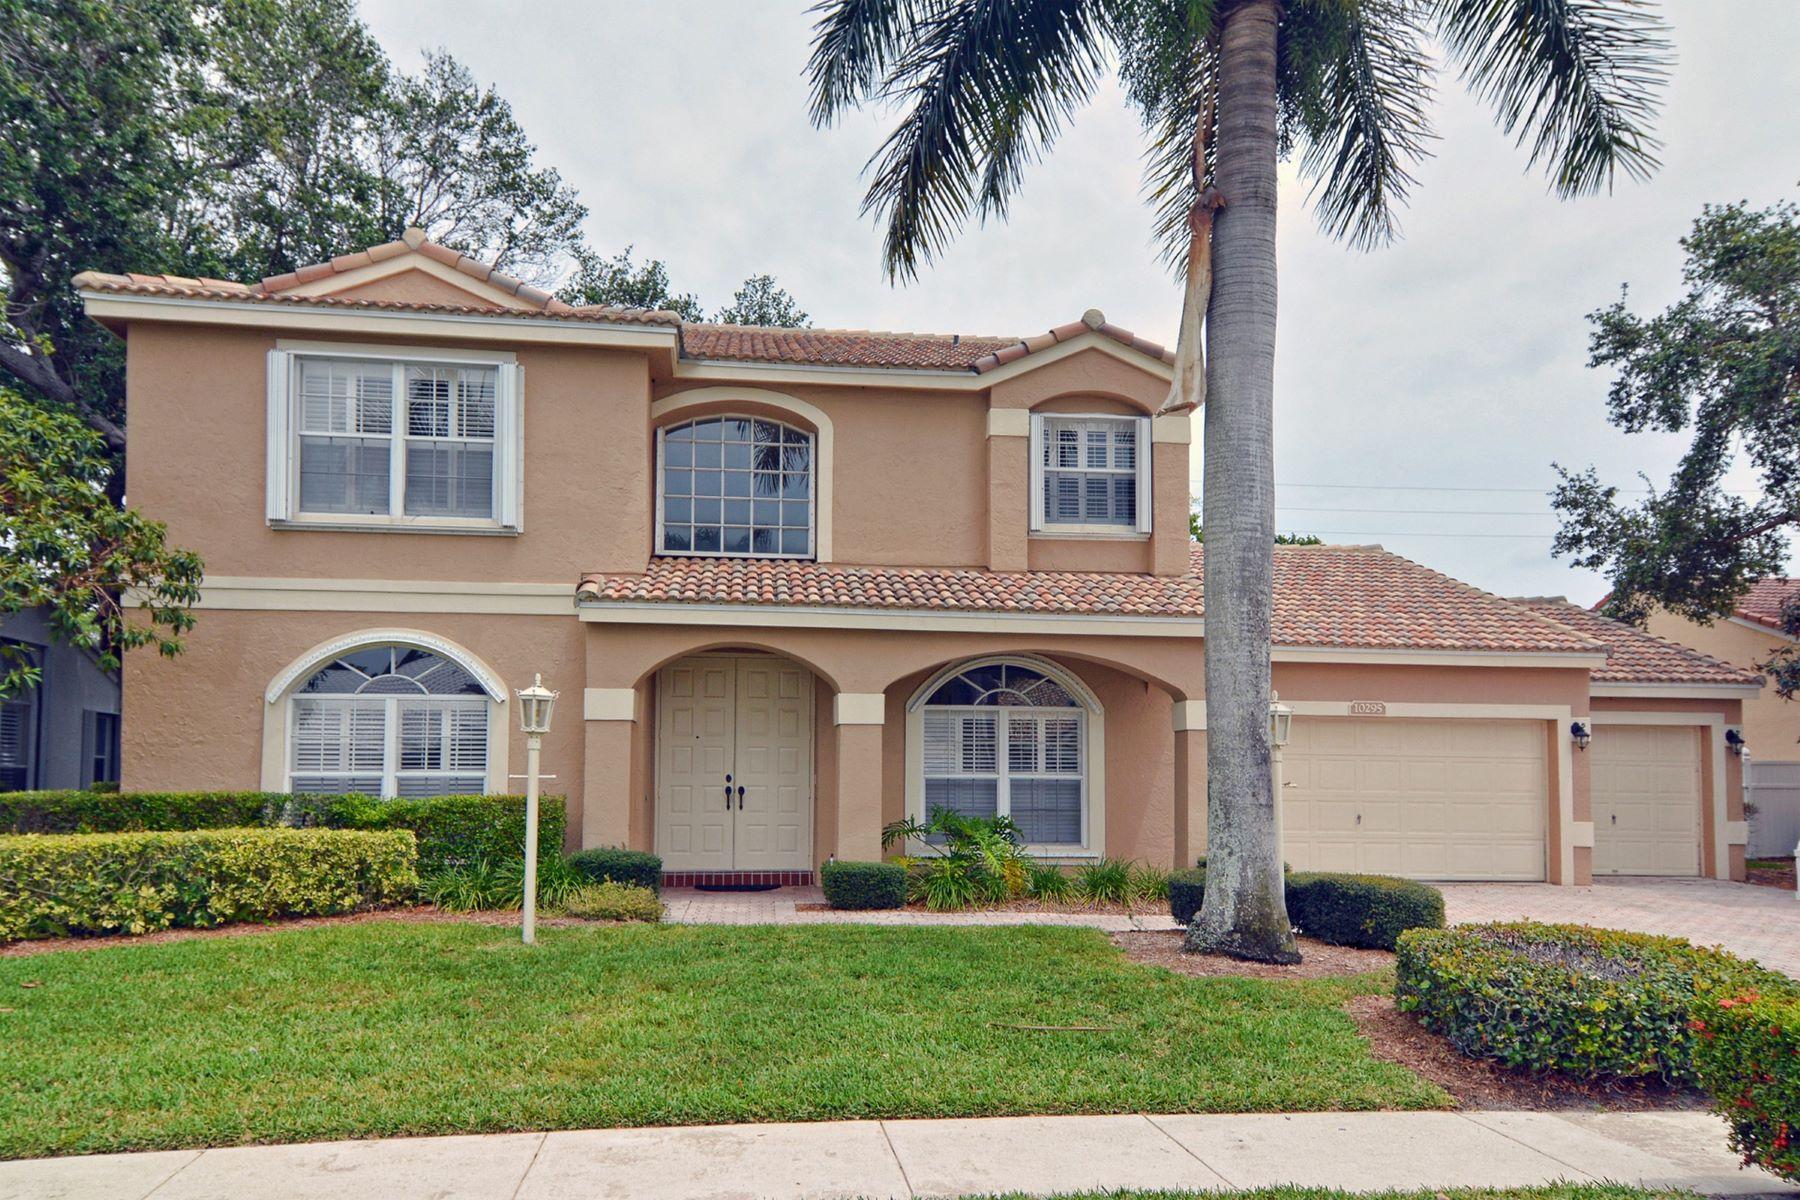 一戸建て のために 売買 アット 10295 Allamanda Boulevard Siena Oaks, Palm Beach Gardens, フロリダ, 33410 アメリカ合衆国